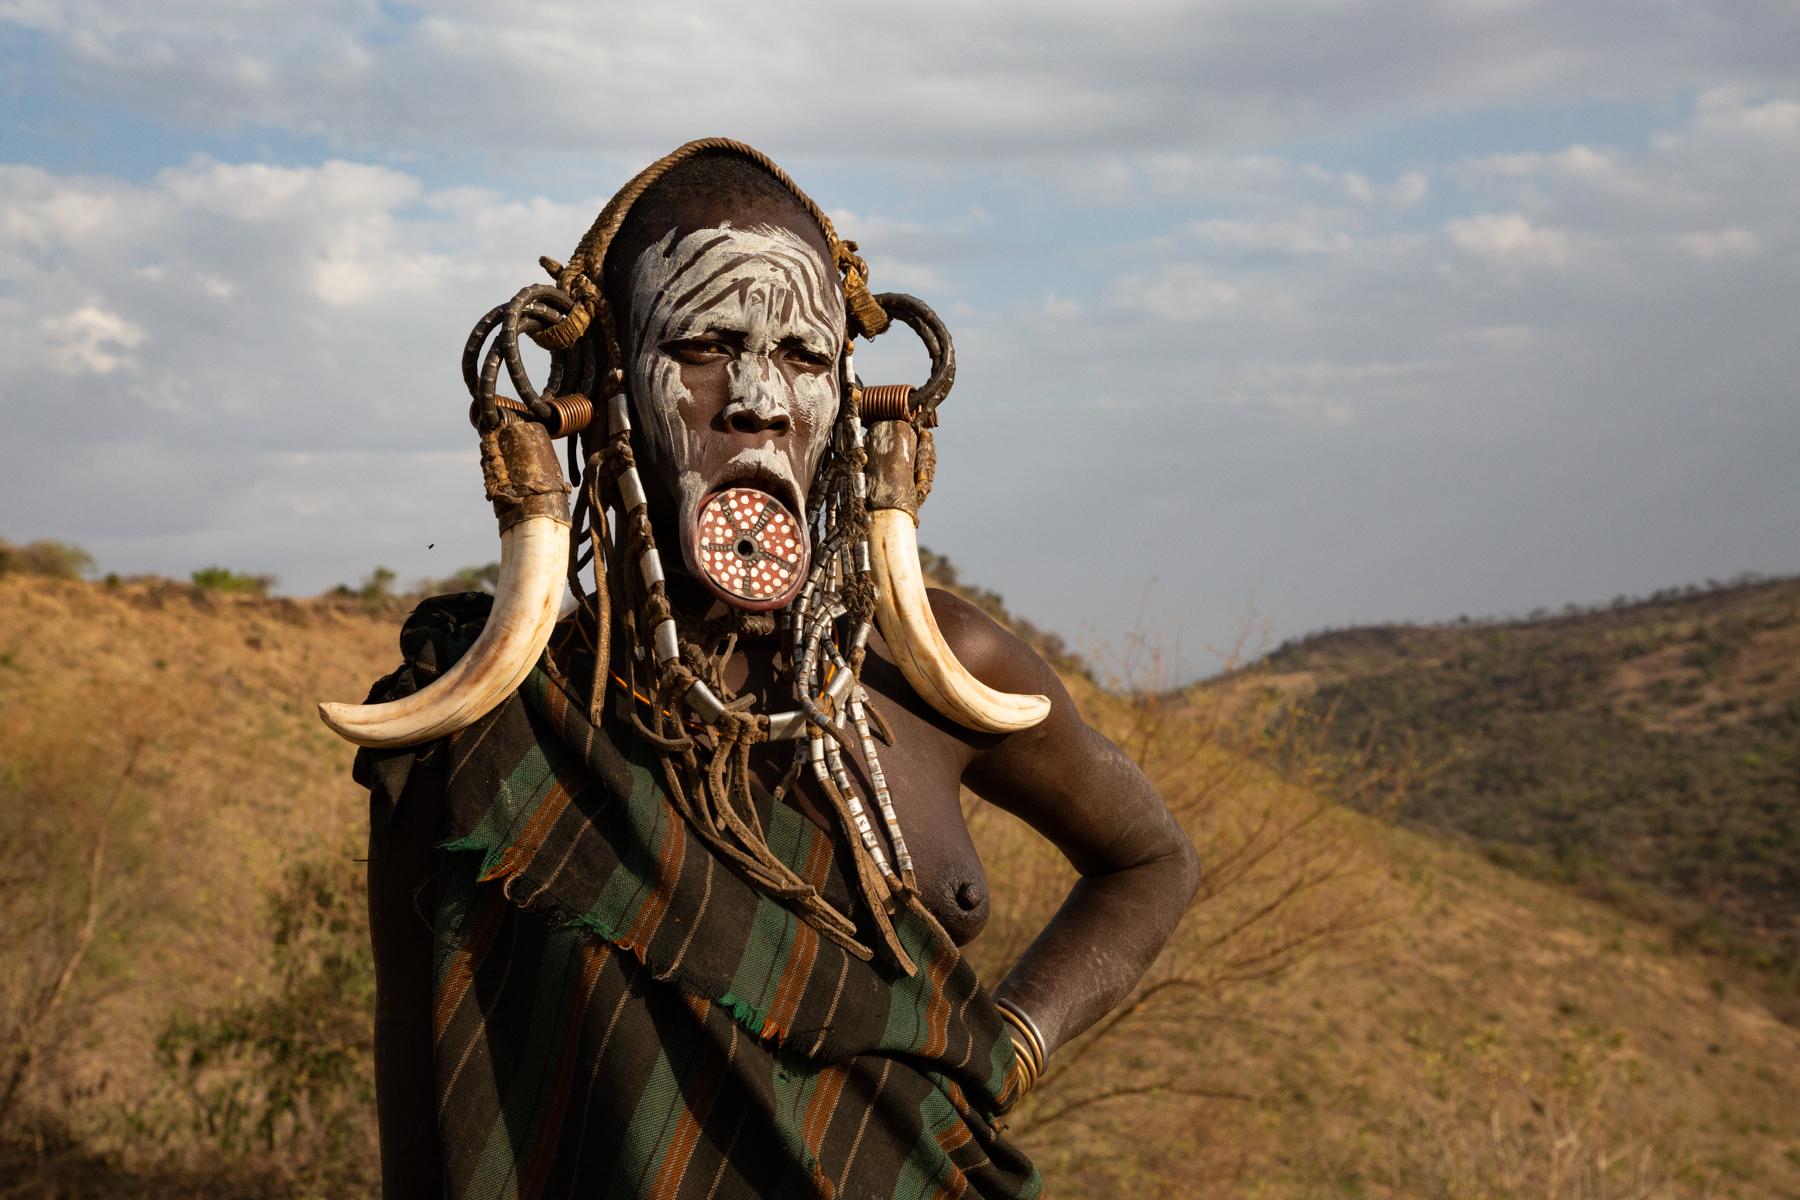 Mursi-woman-Ethiopia-Inger-Vandyke.jpg